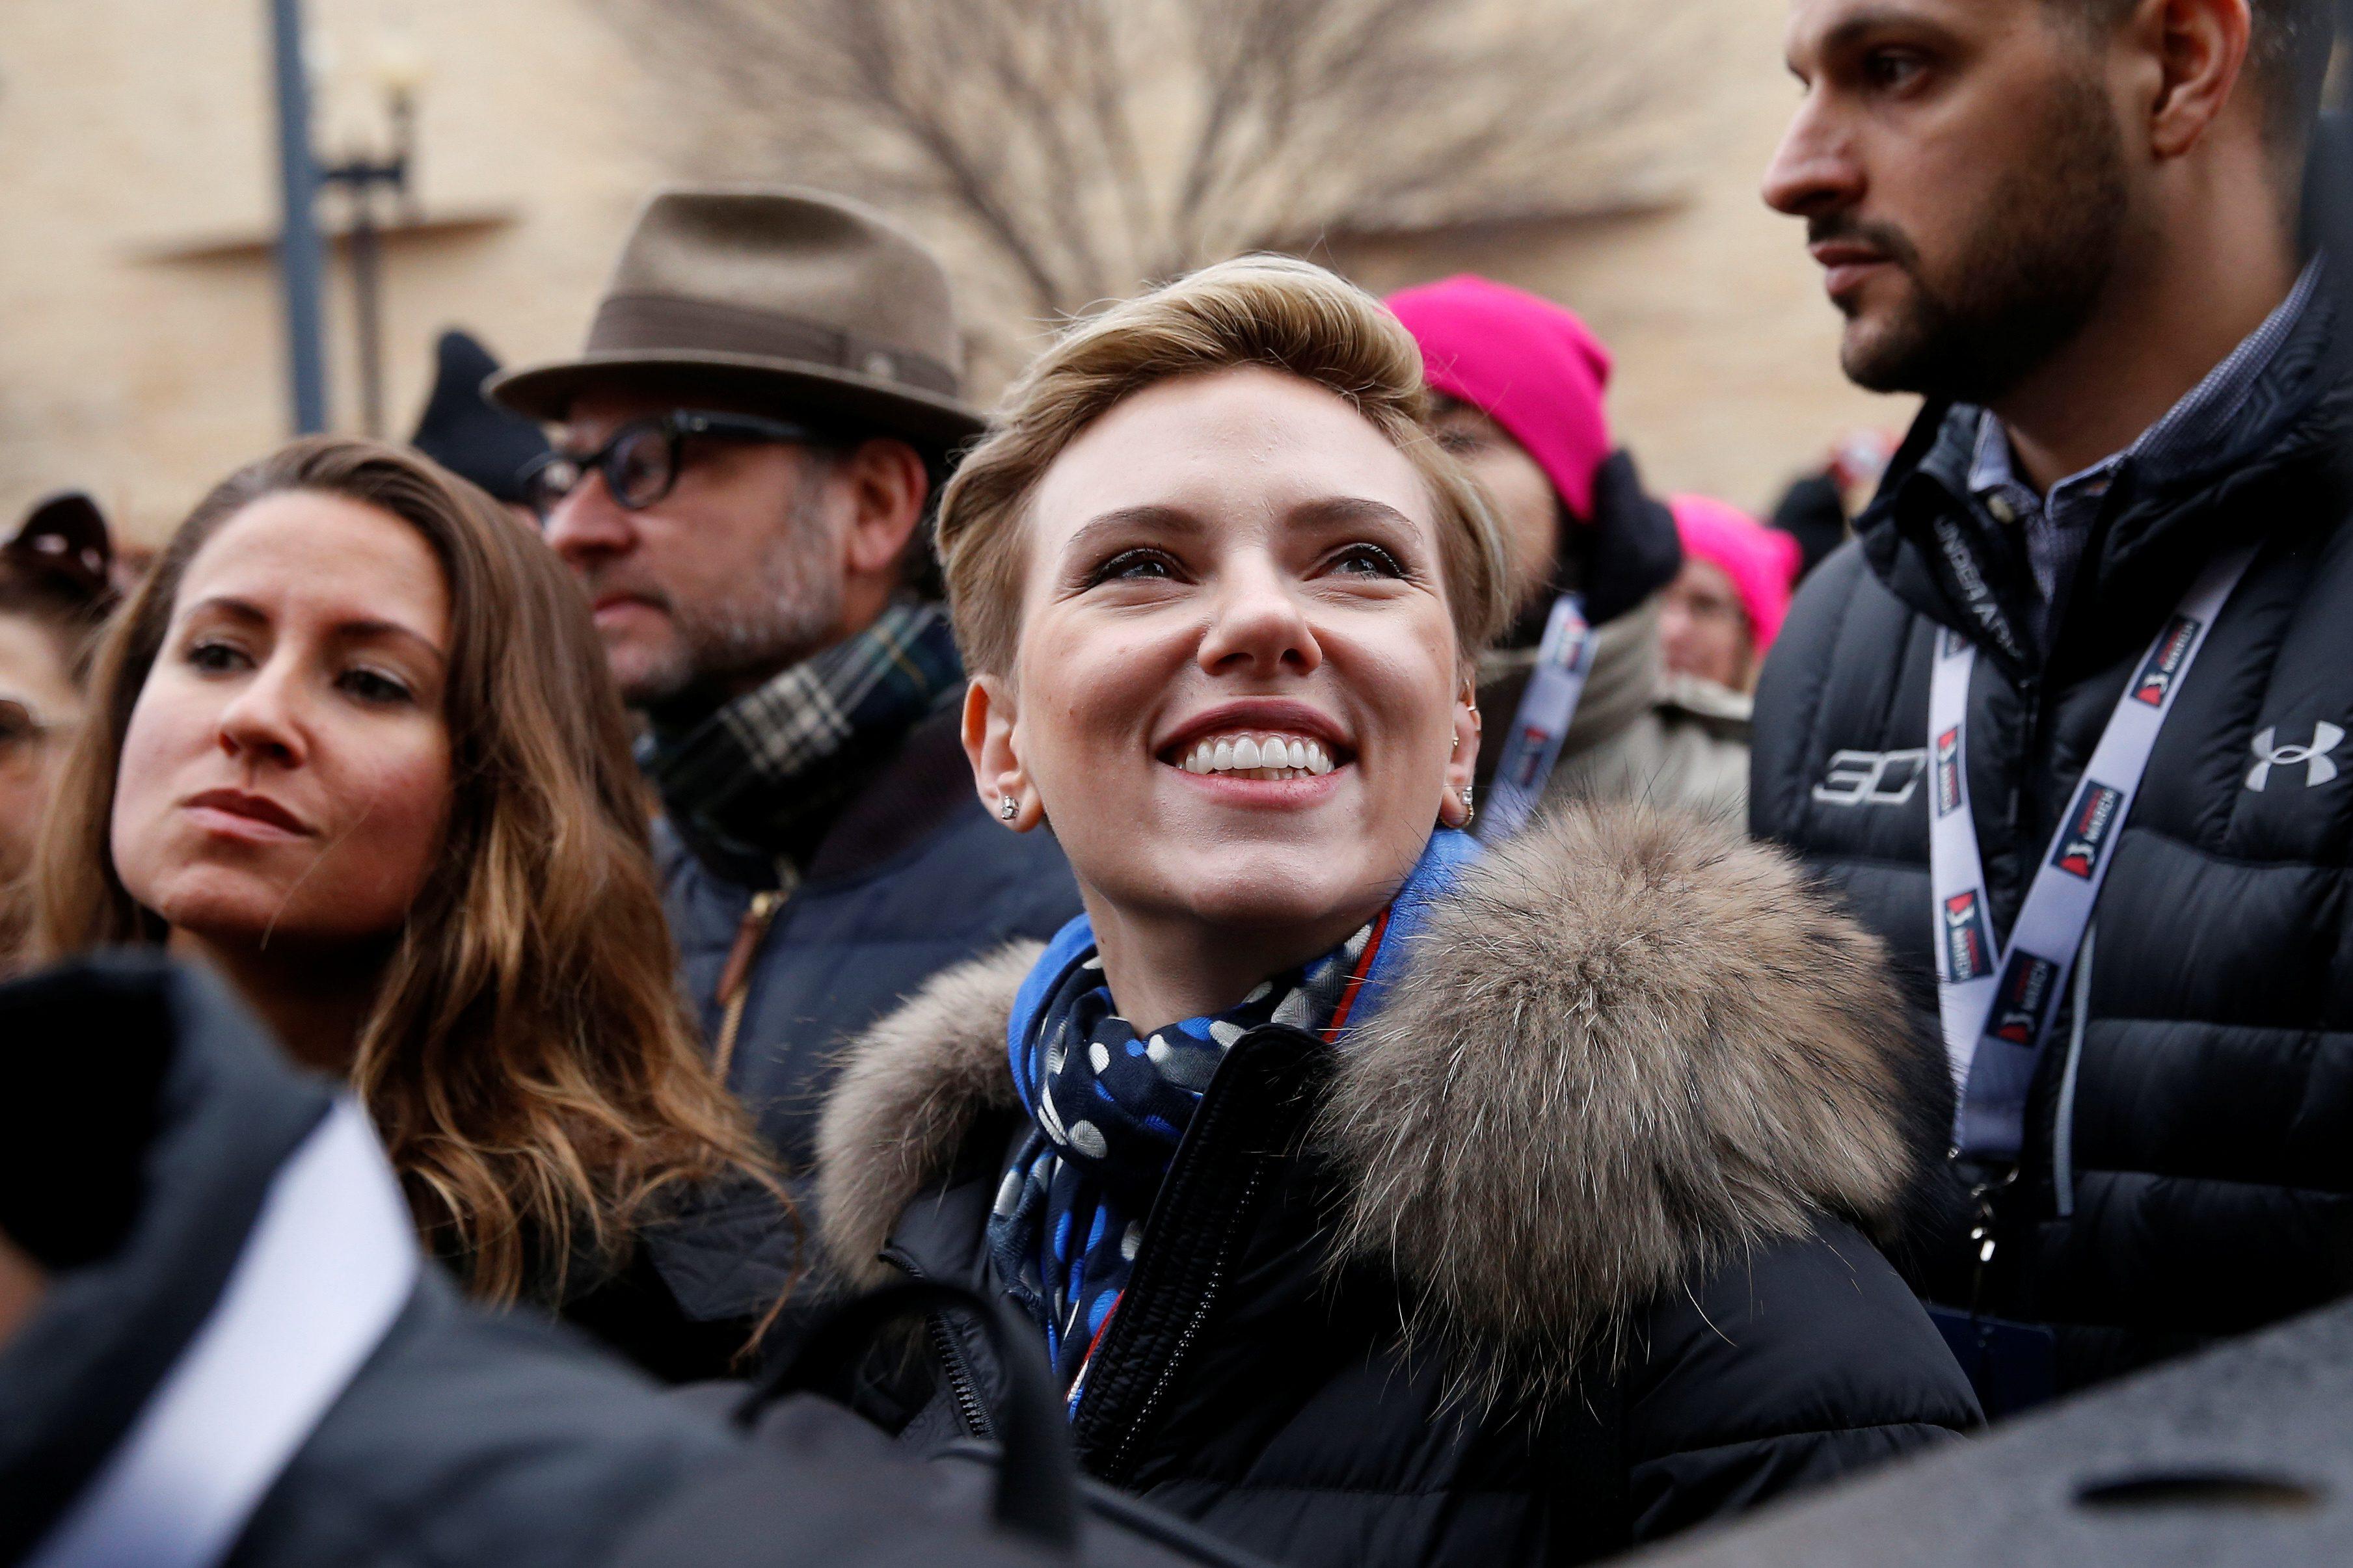 Скарлетт Йоханссон на Марше женщин. Фото: elitedaily.com